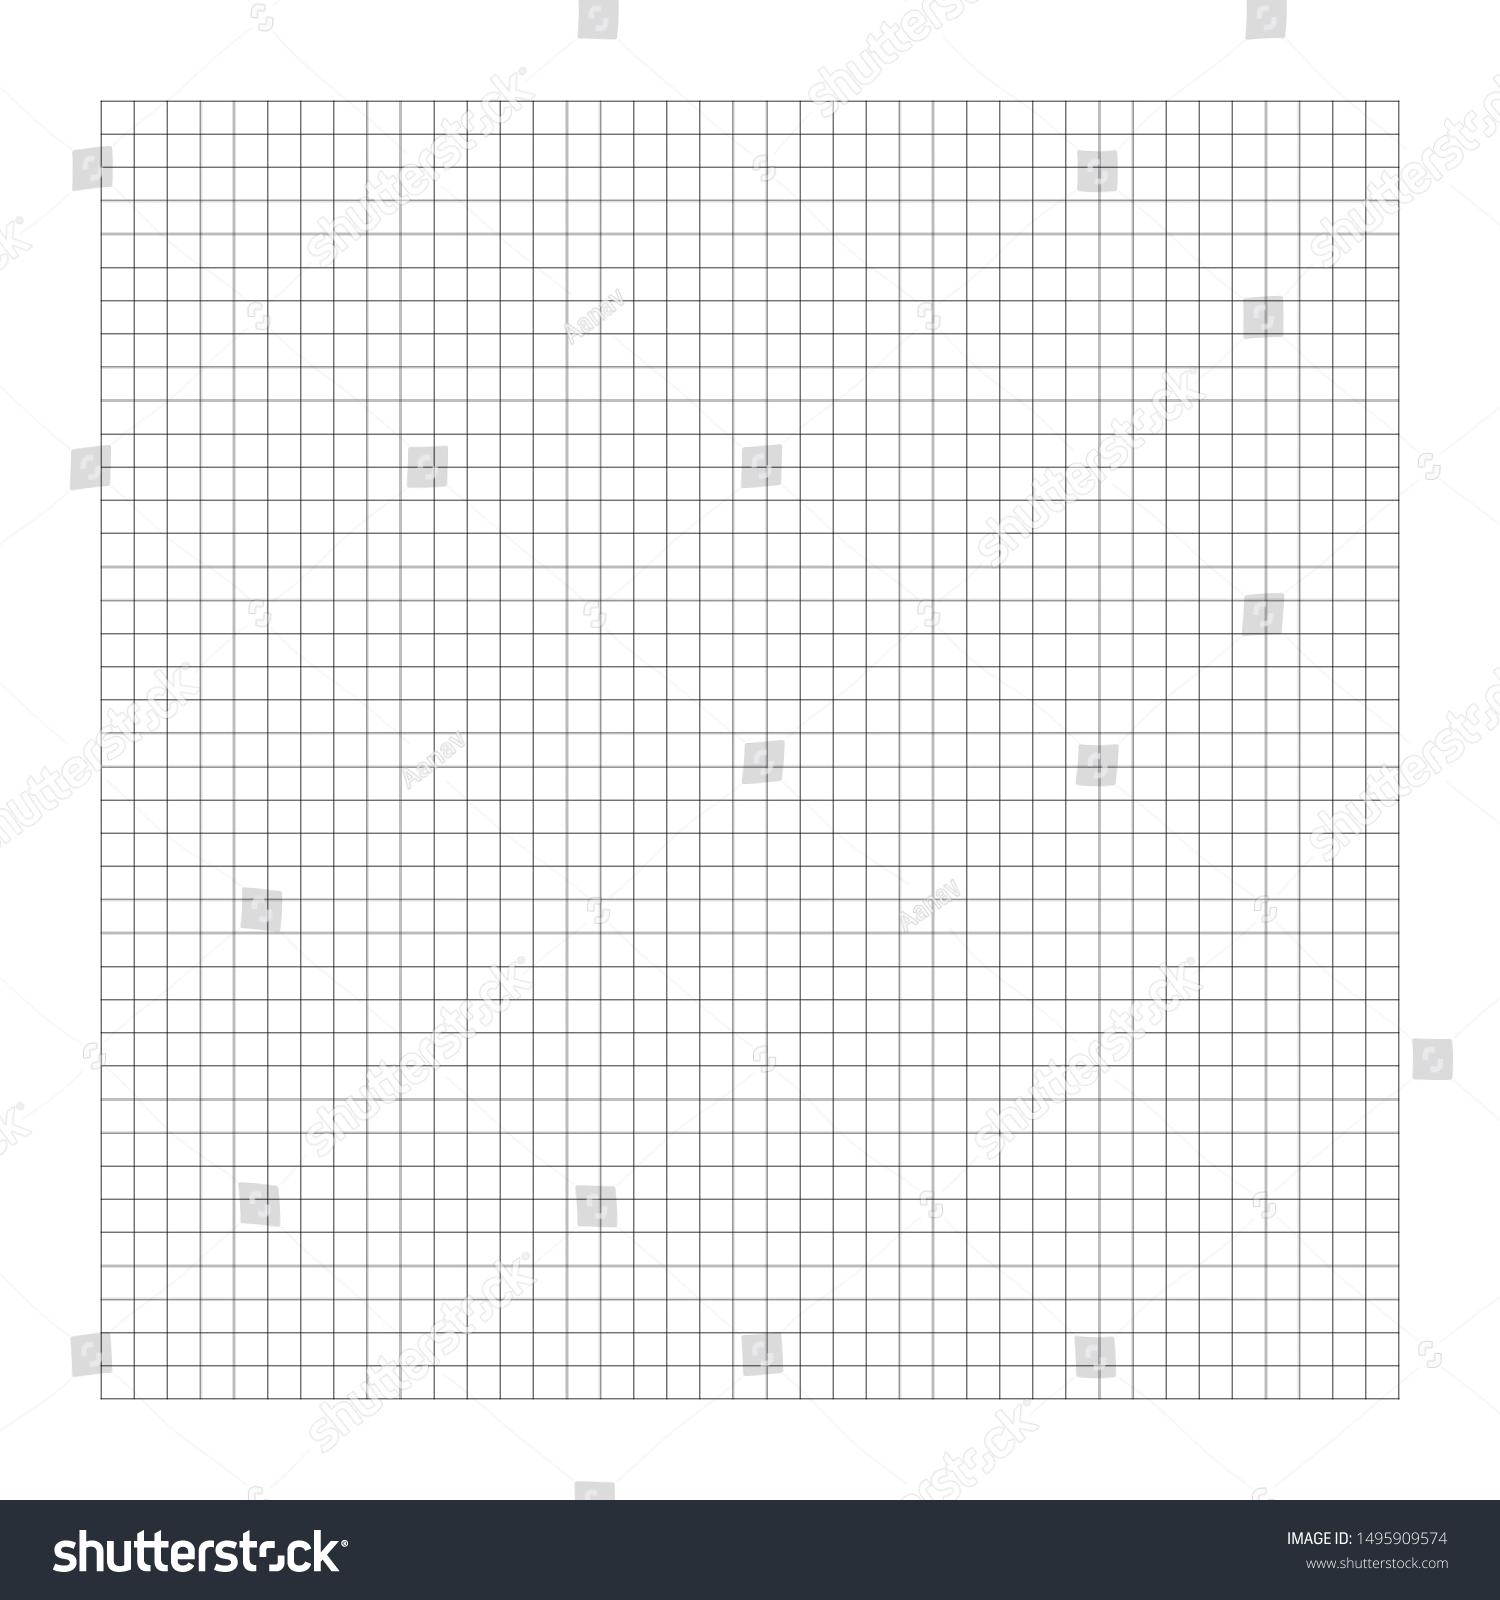 Image Vectorielle De Stock De Graphe, Dessin Papier tout Dessin Sur Quadrillage